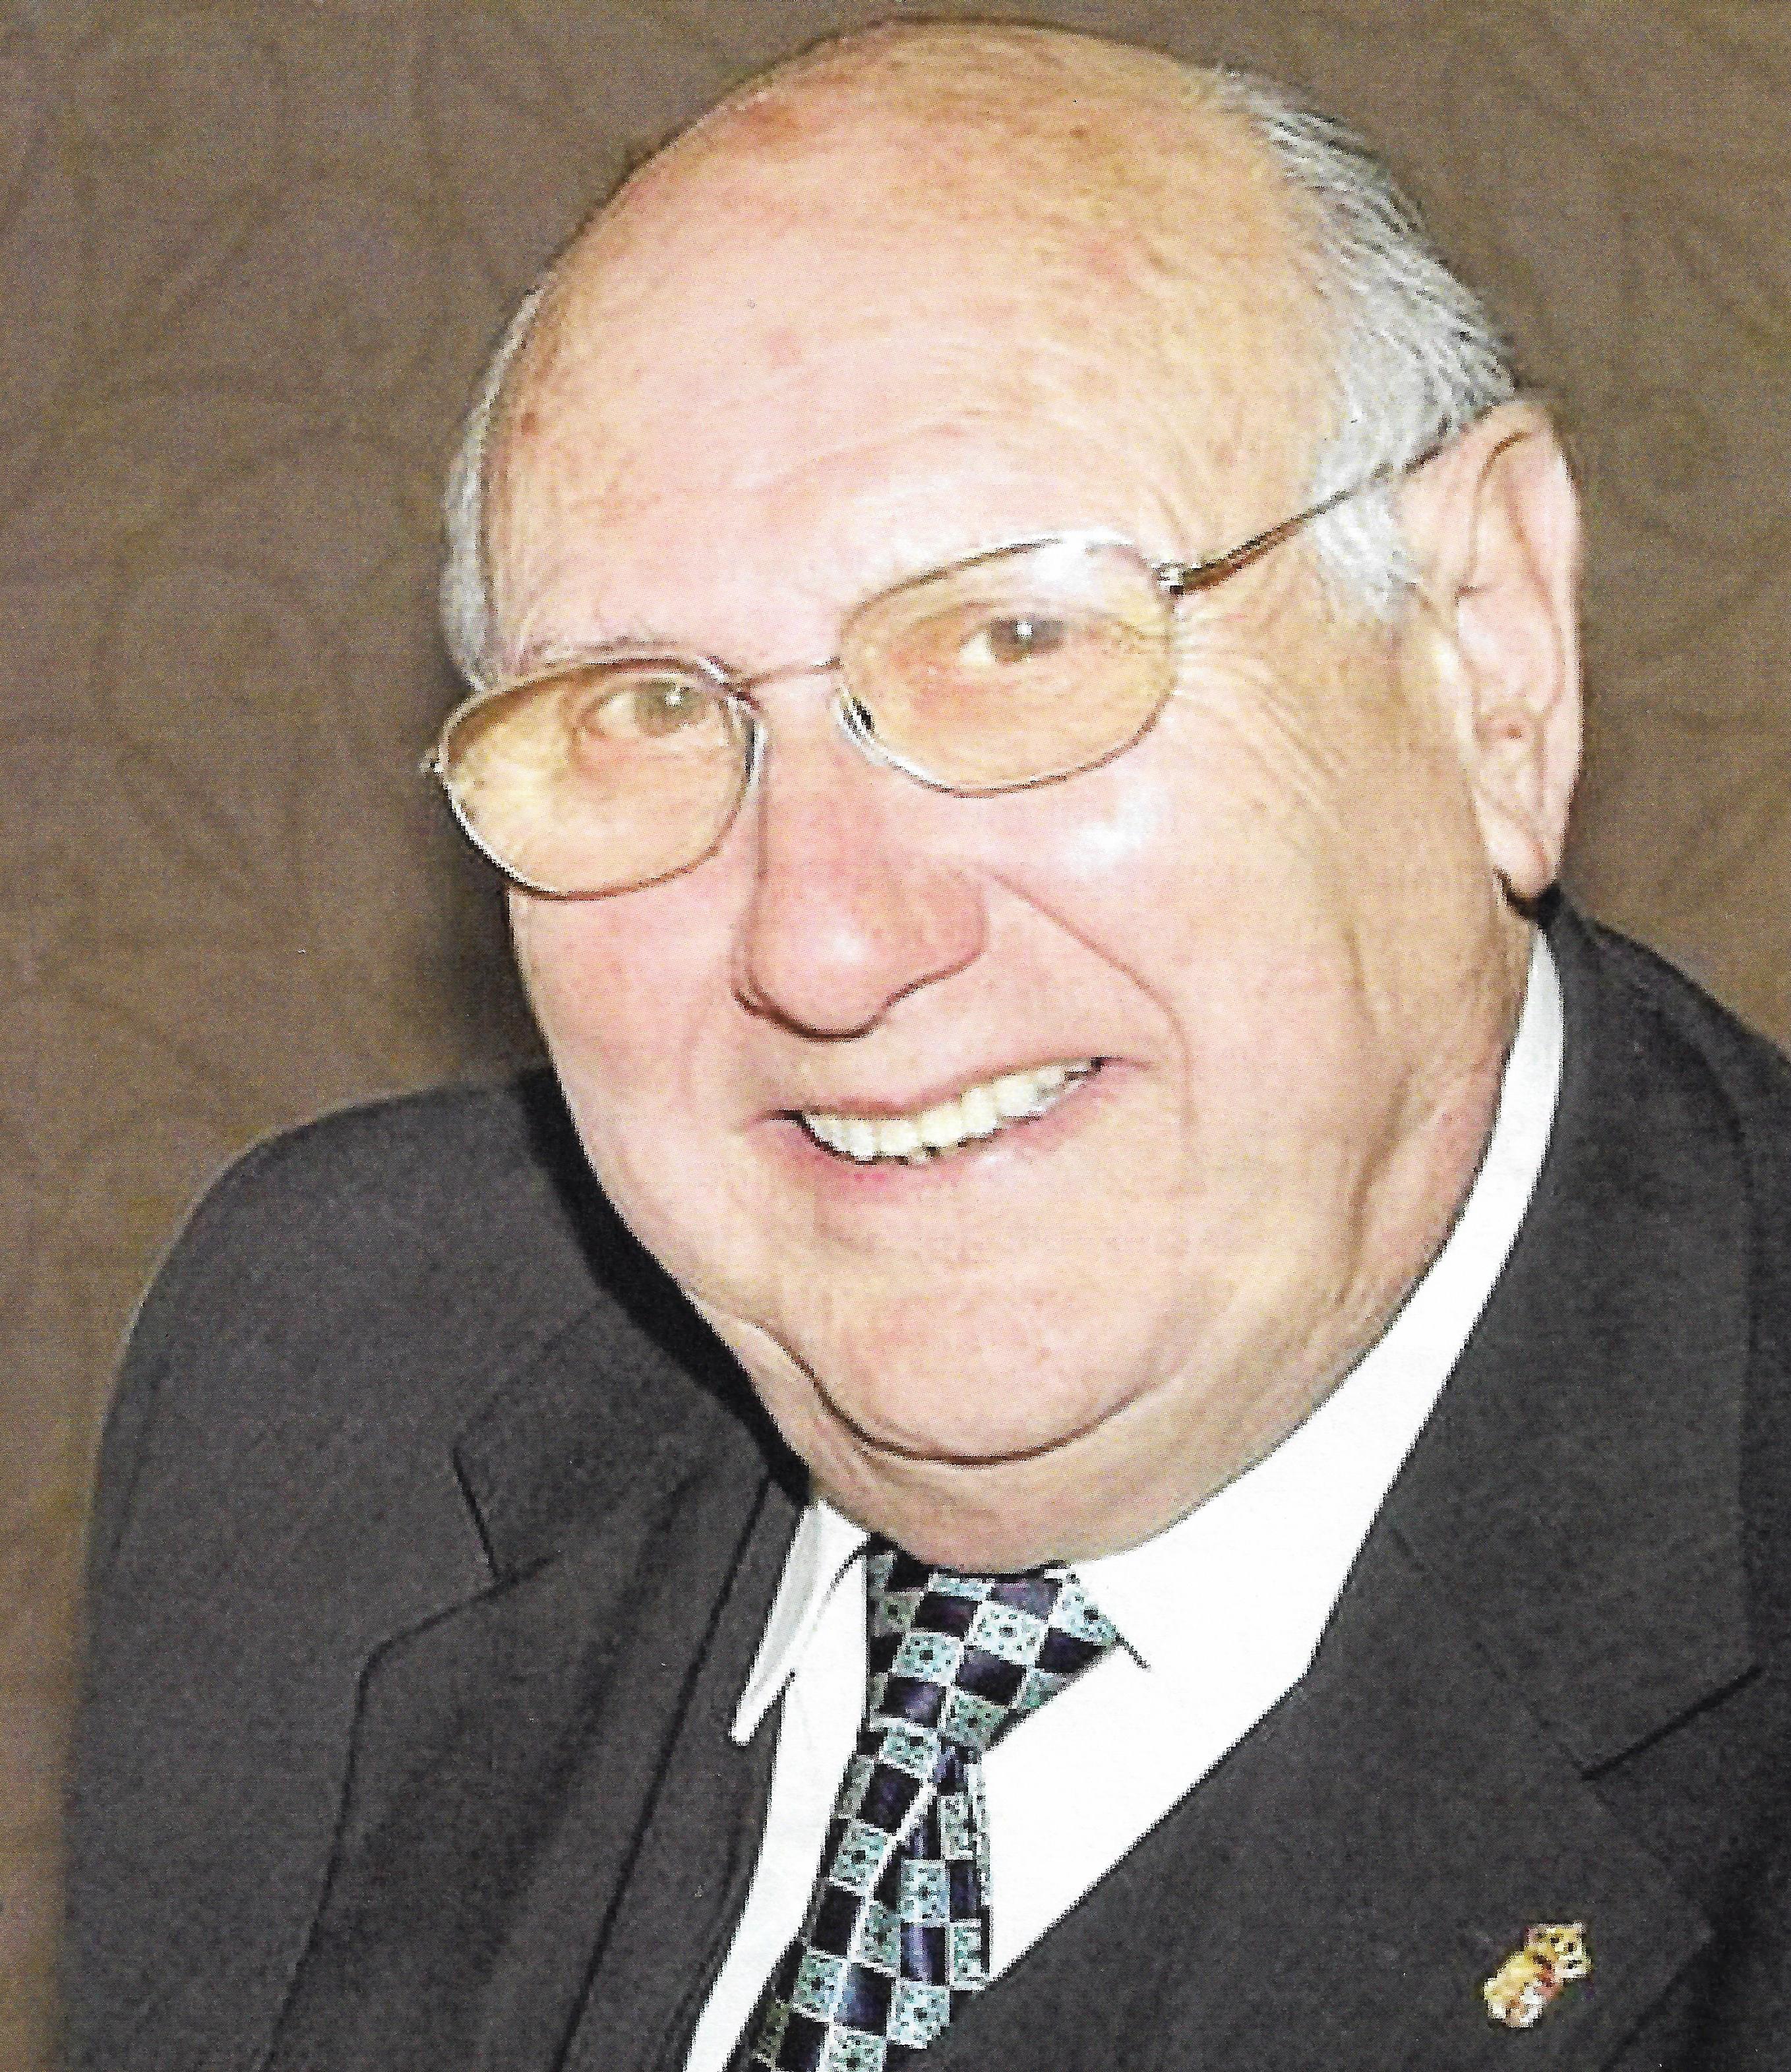 Vinaròs, mor Joaquín Simó